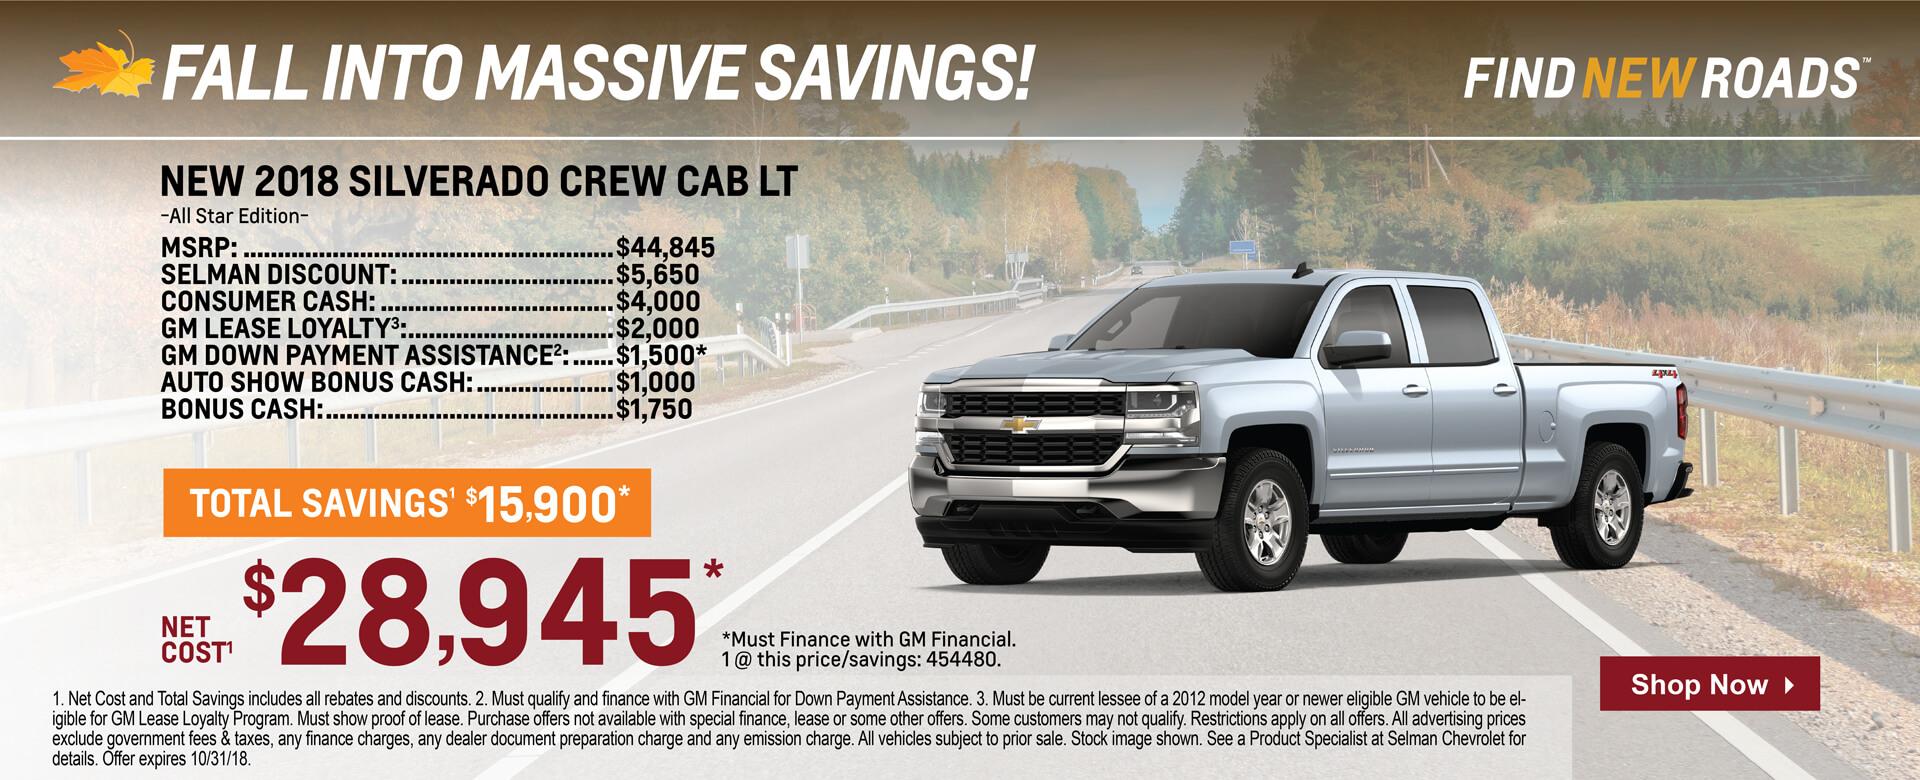 Silverado Crew Cab $29,945